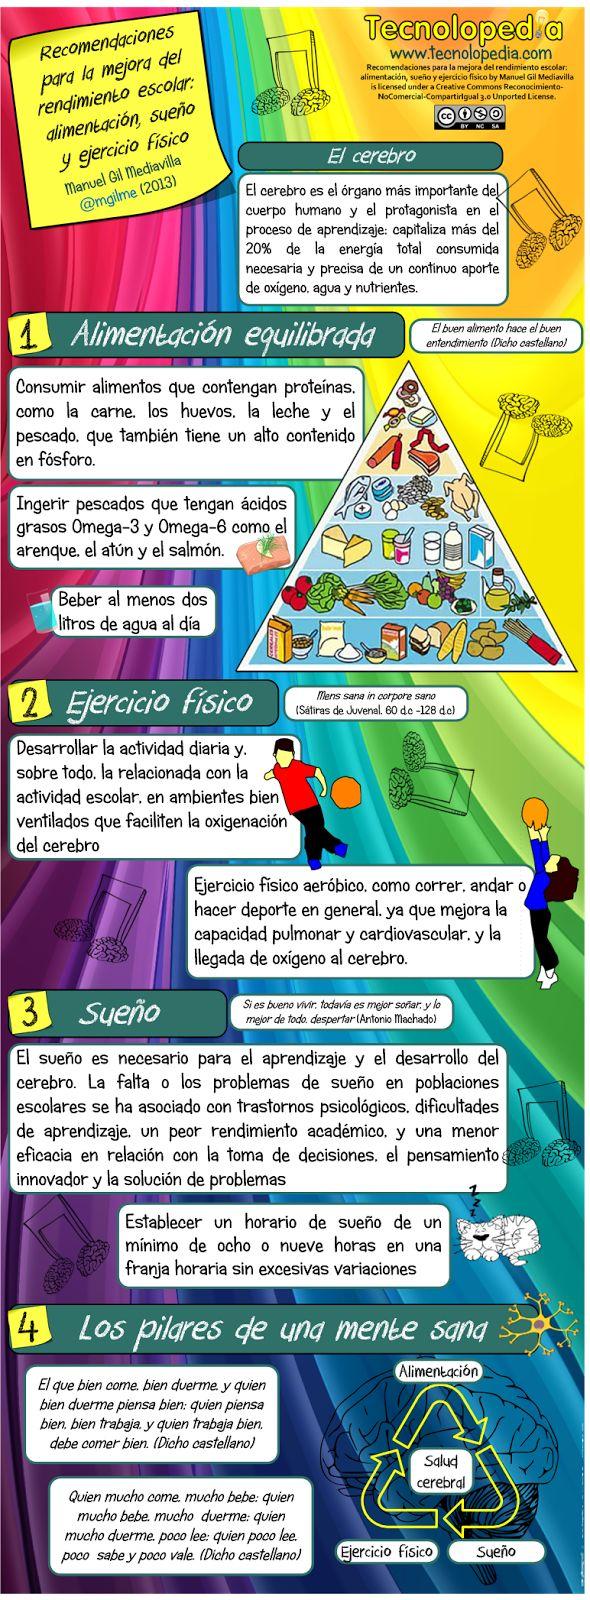 La Tecnolopedia de @Manuel Gil: Recomendaciones para la mejora del rendimiento escolar: alimentación, sueño y ejercicio físico